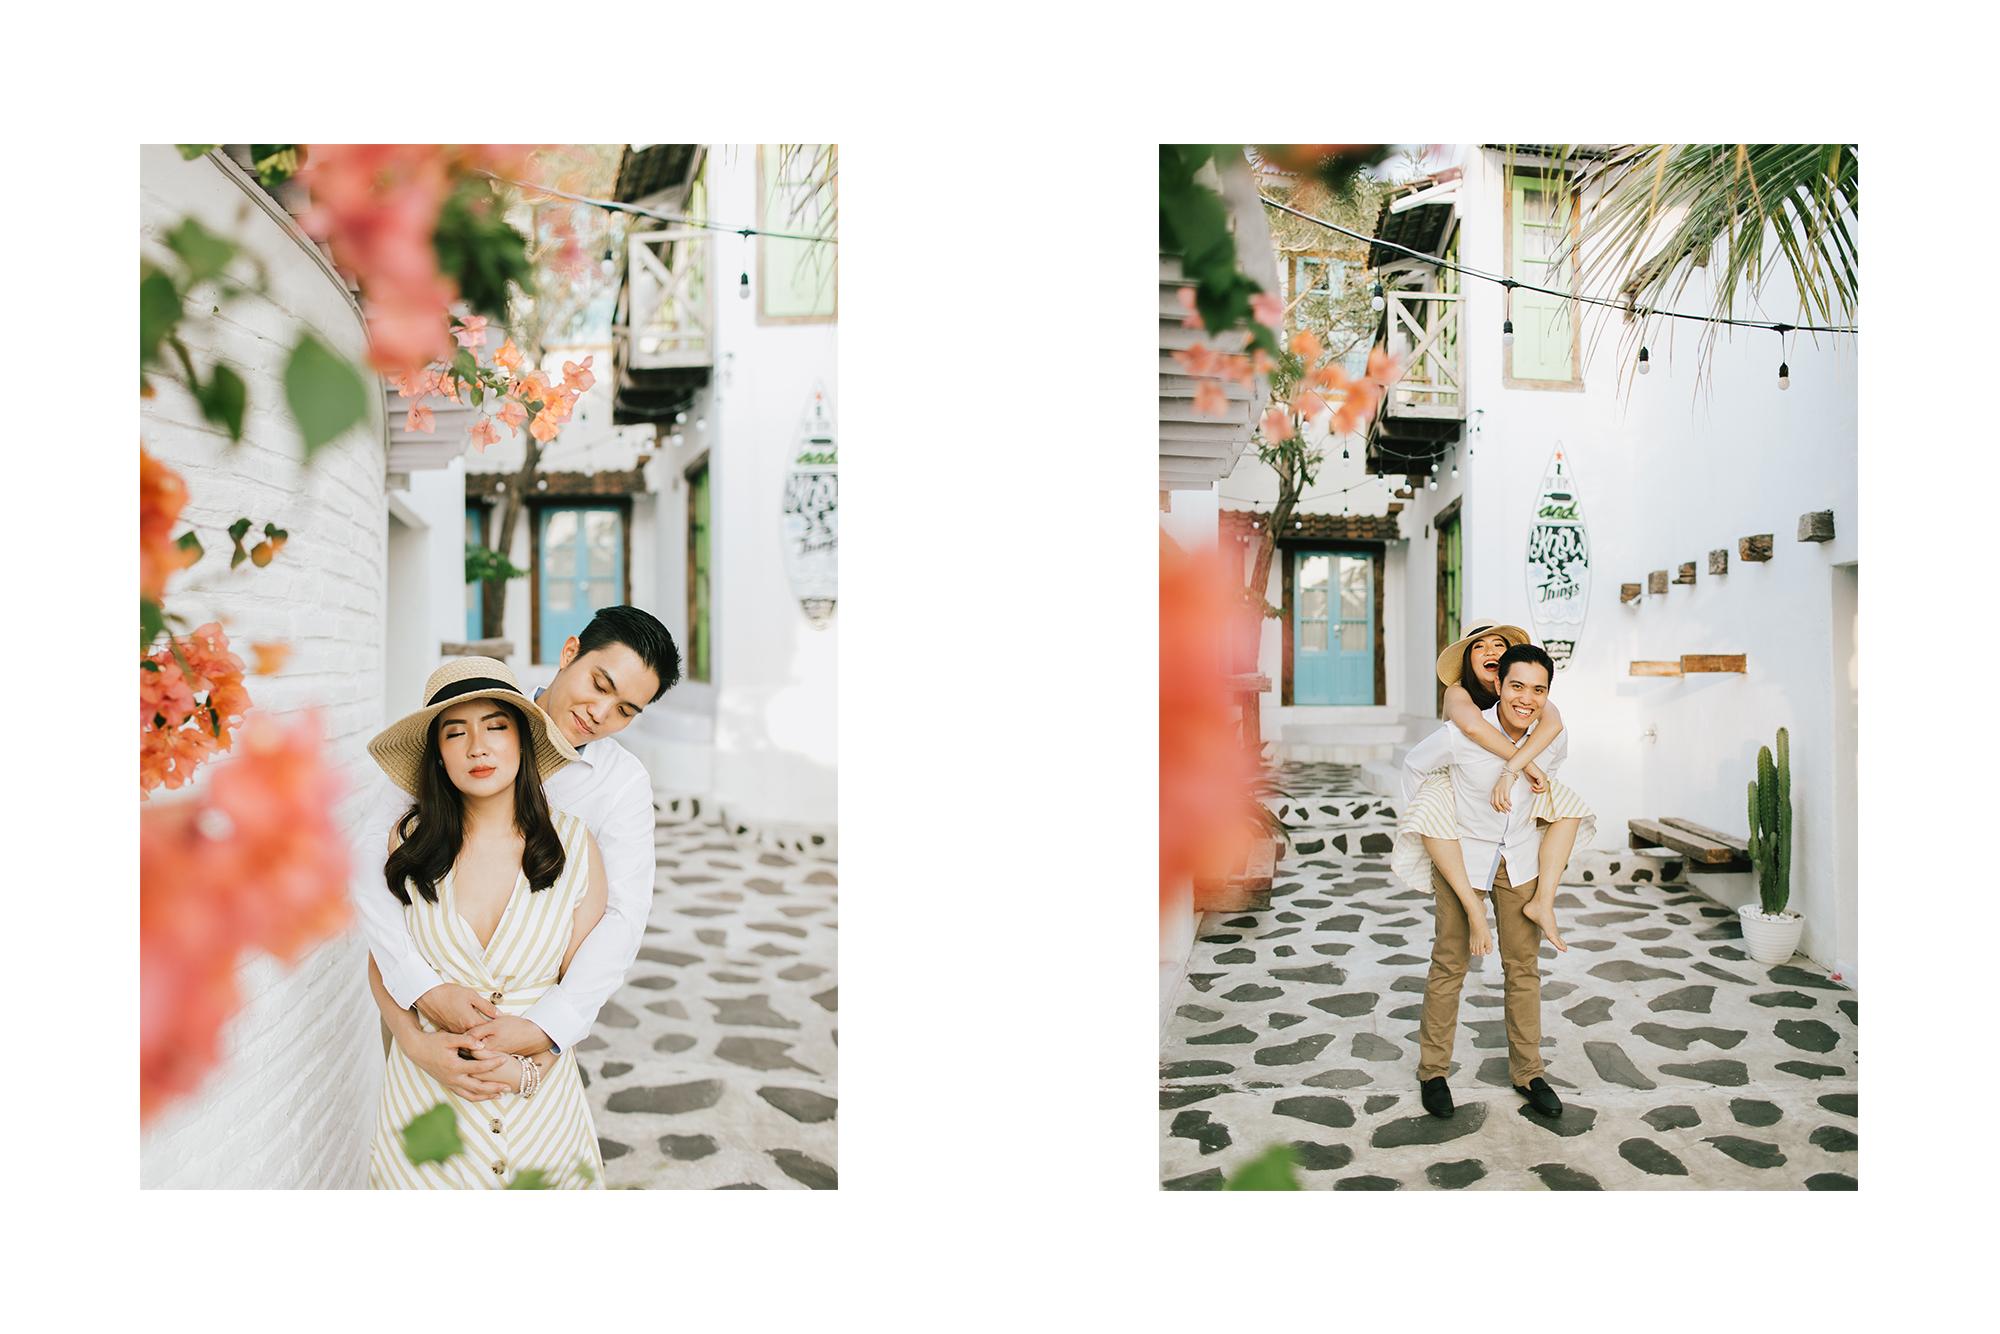 bali_elopement_villa_photographer.jpg